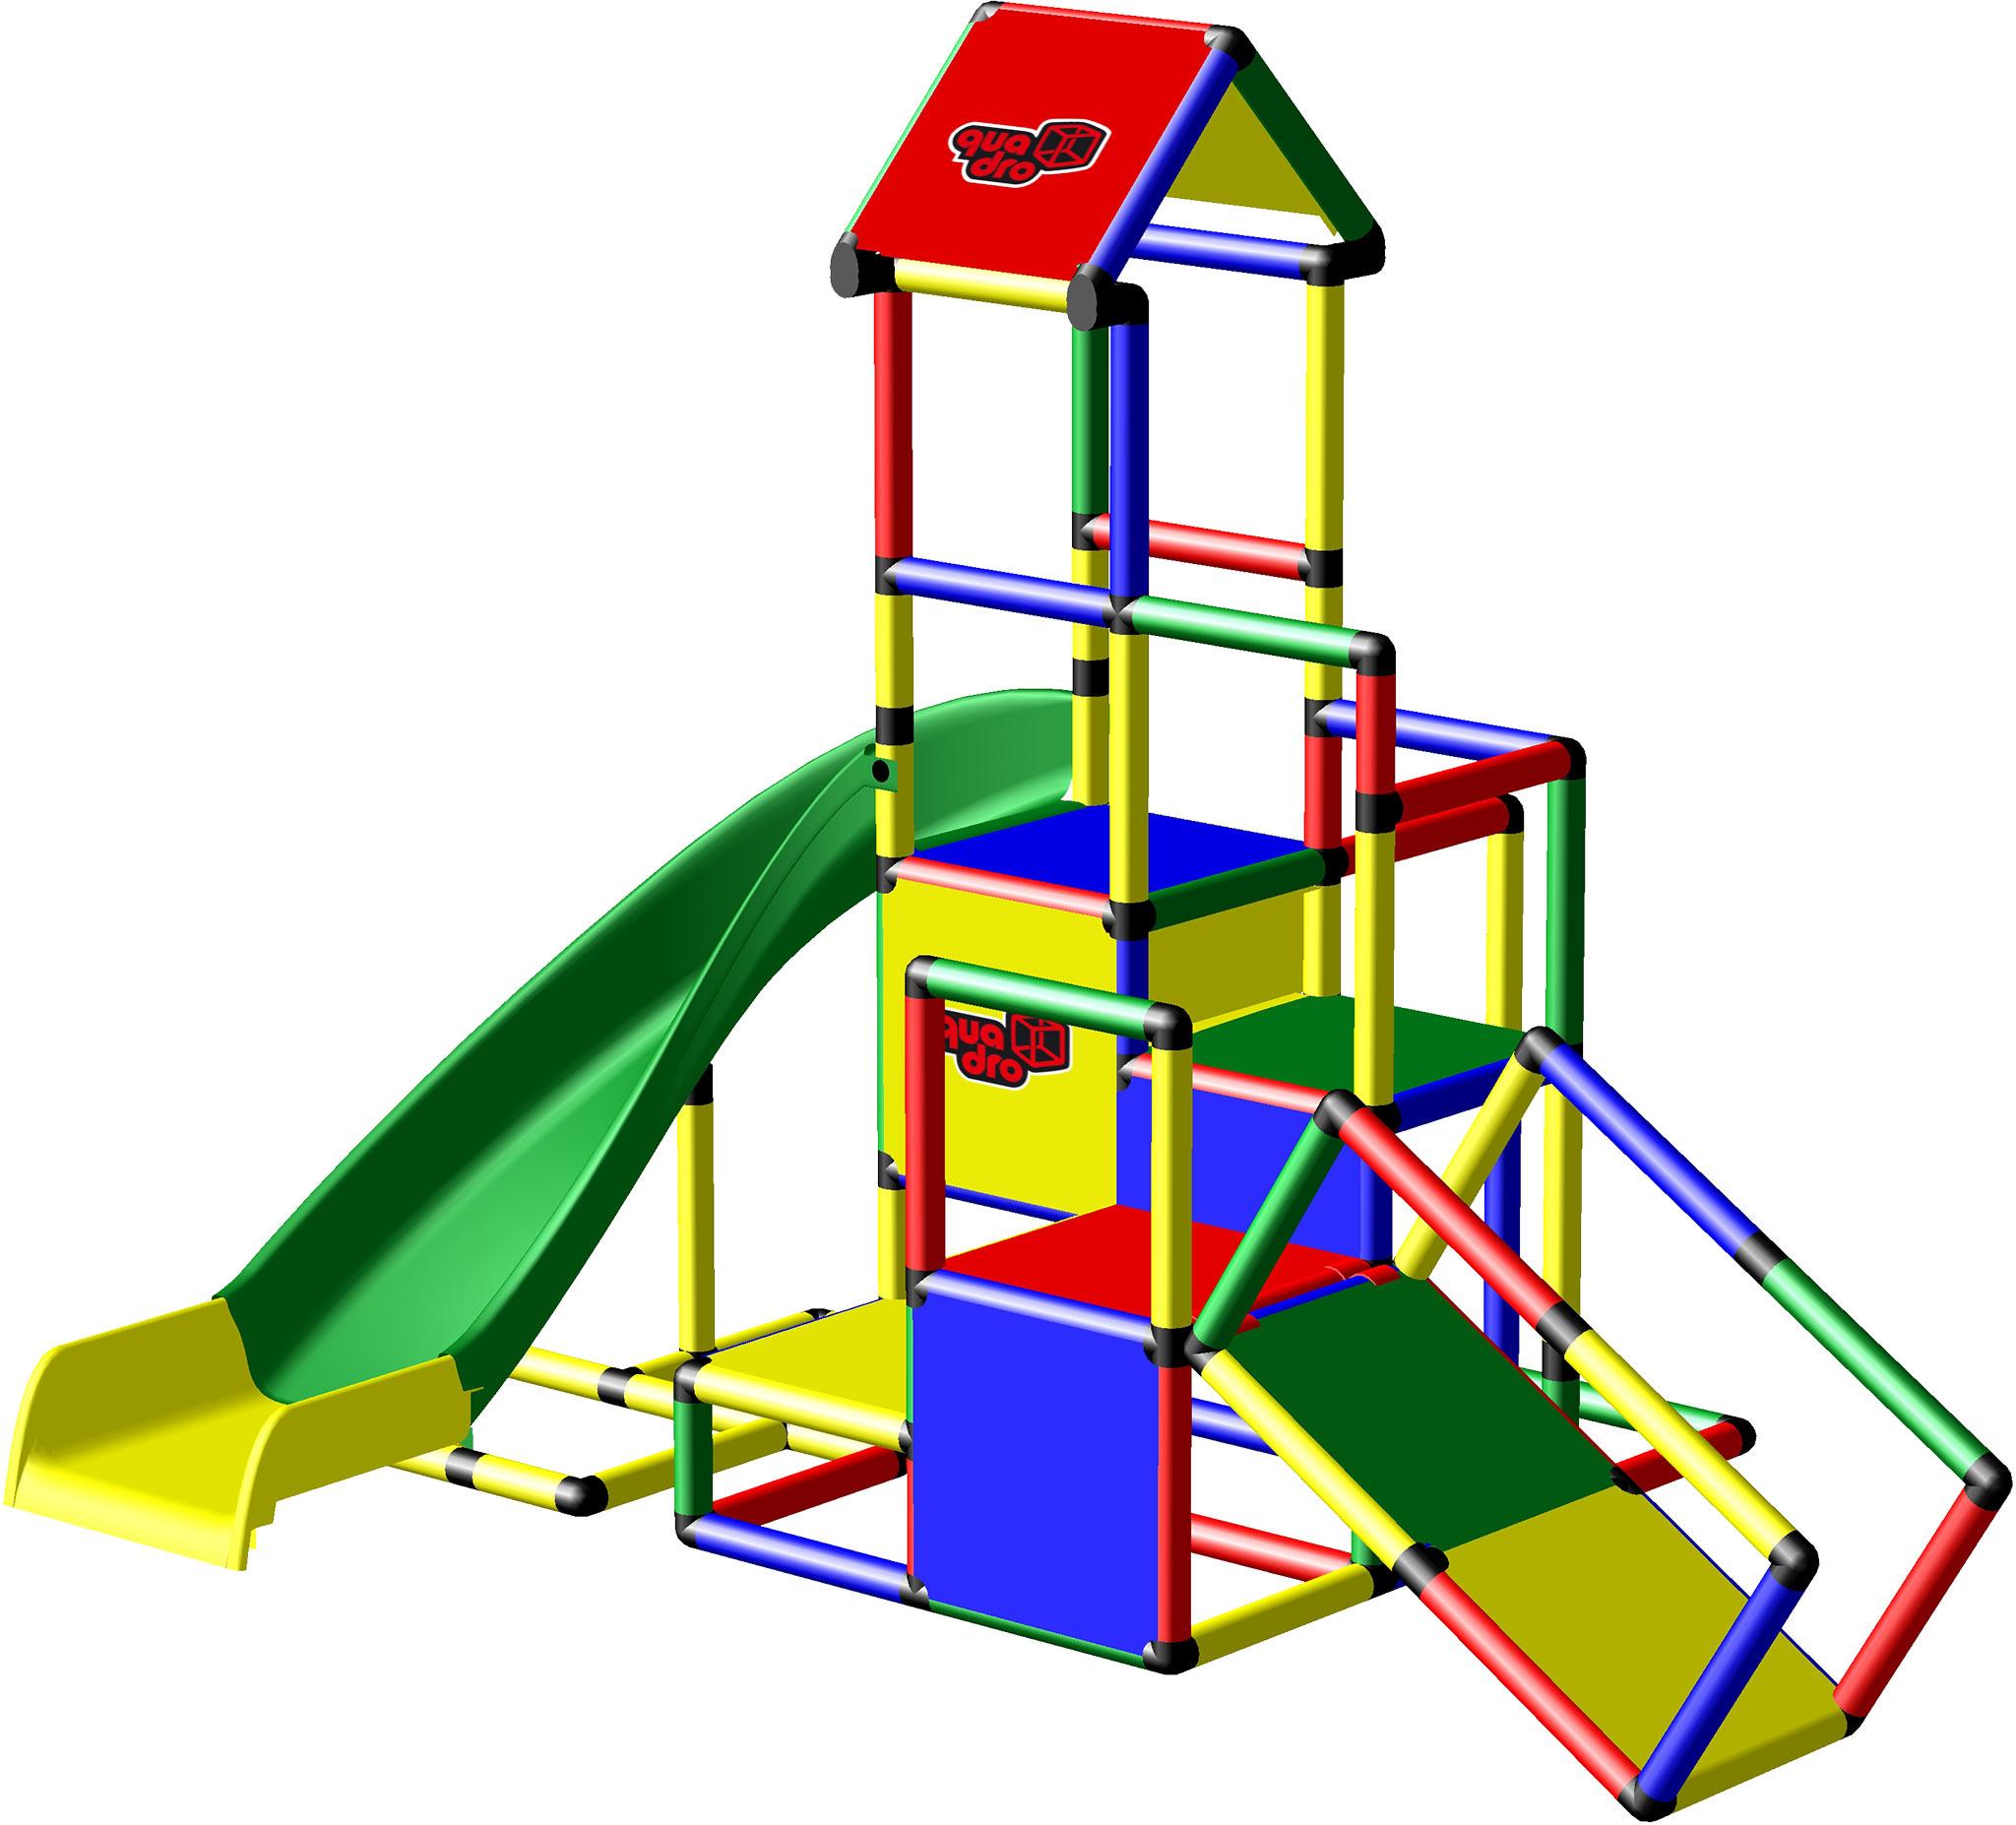 Kletterpyramide + Upgrade Kit + Bogenrutsche